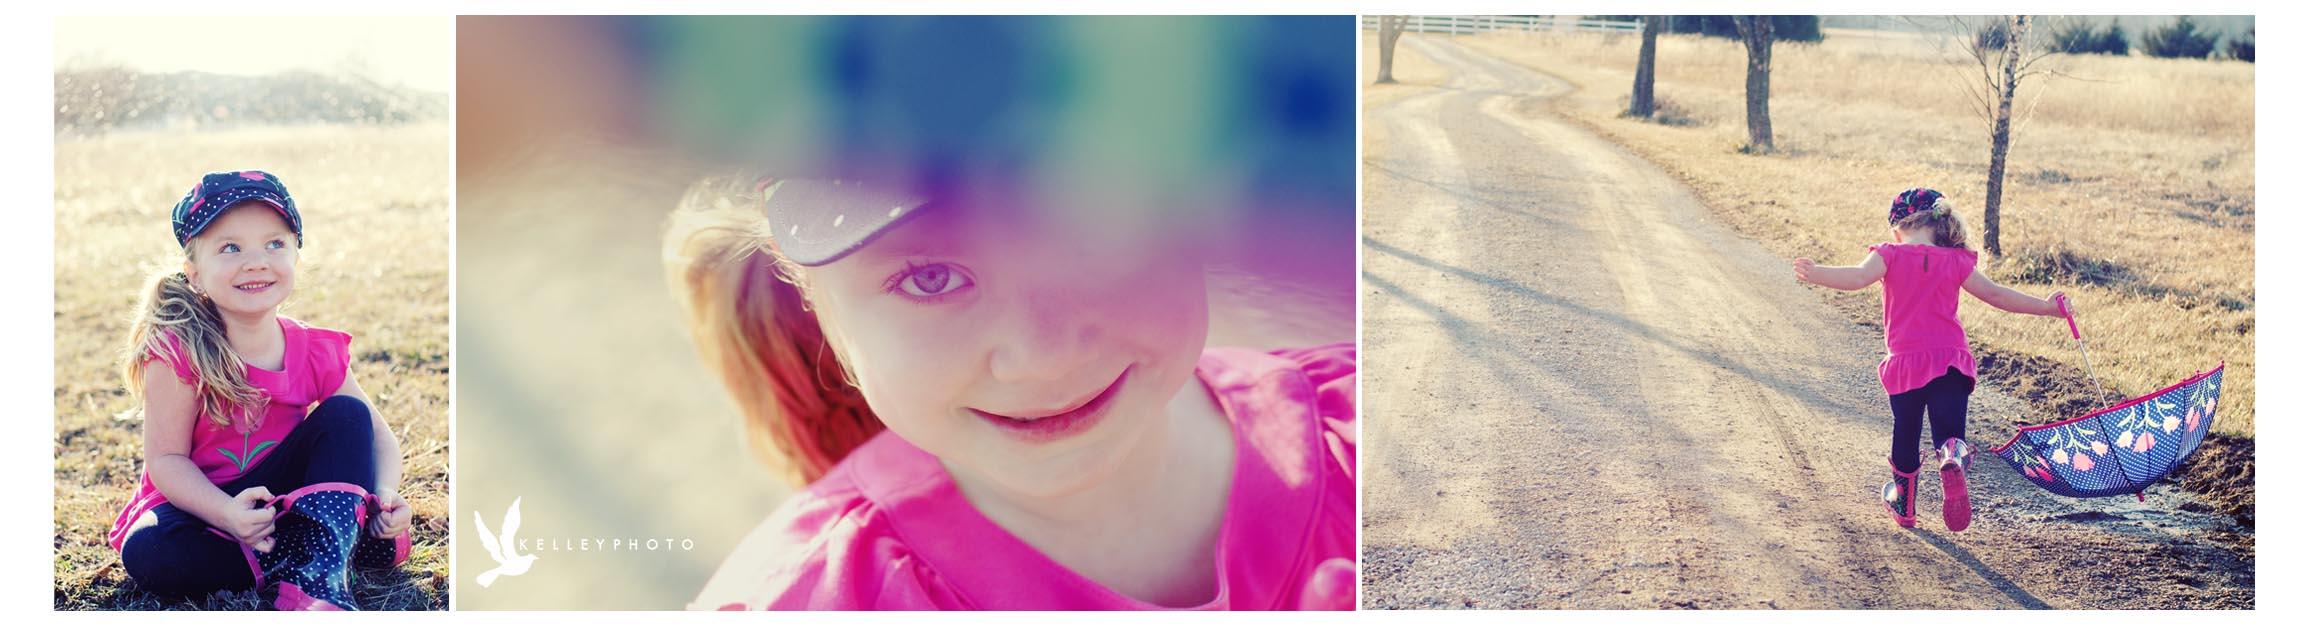 triptychsm